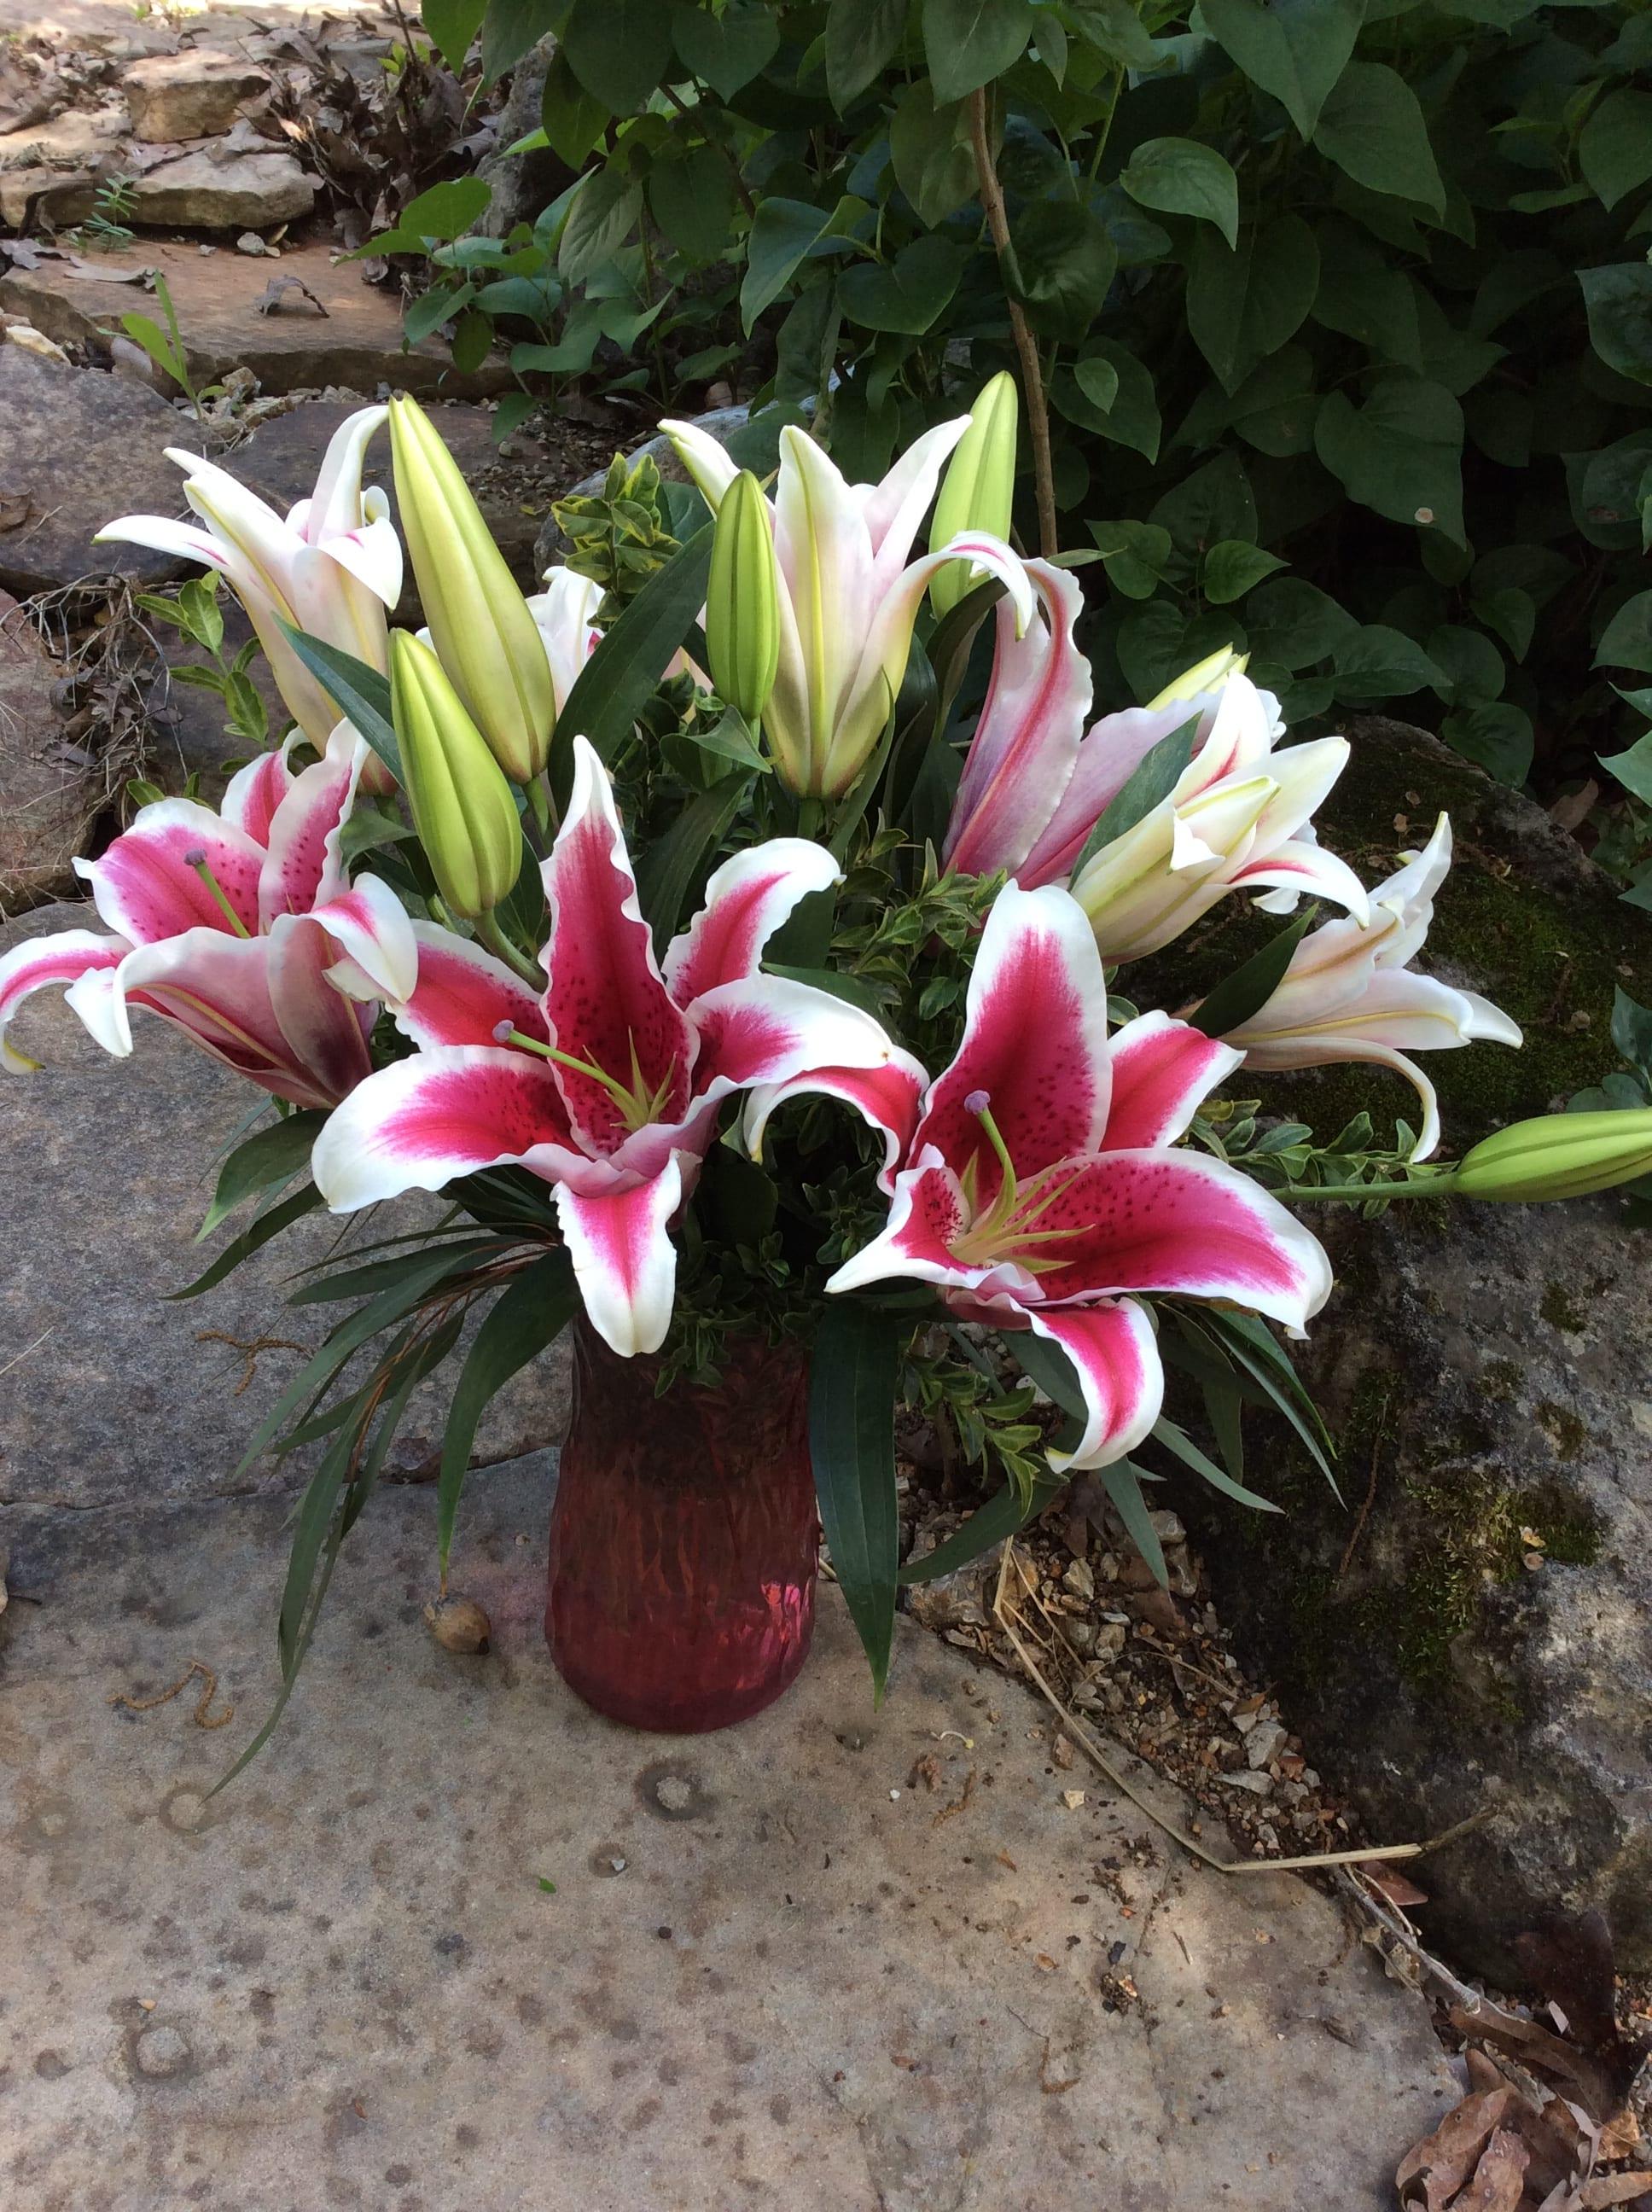 pink stargazer lilies in